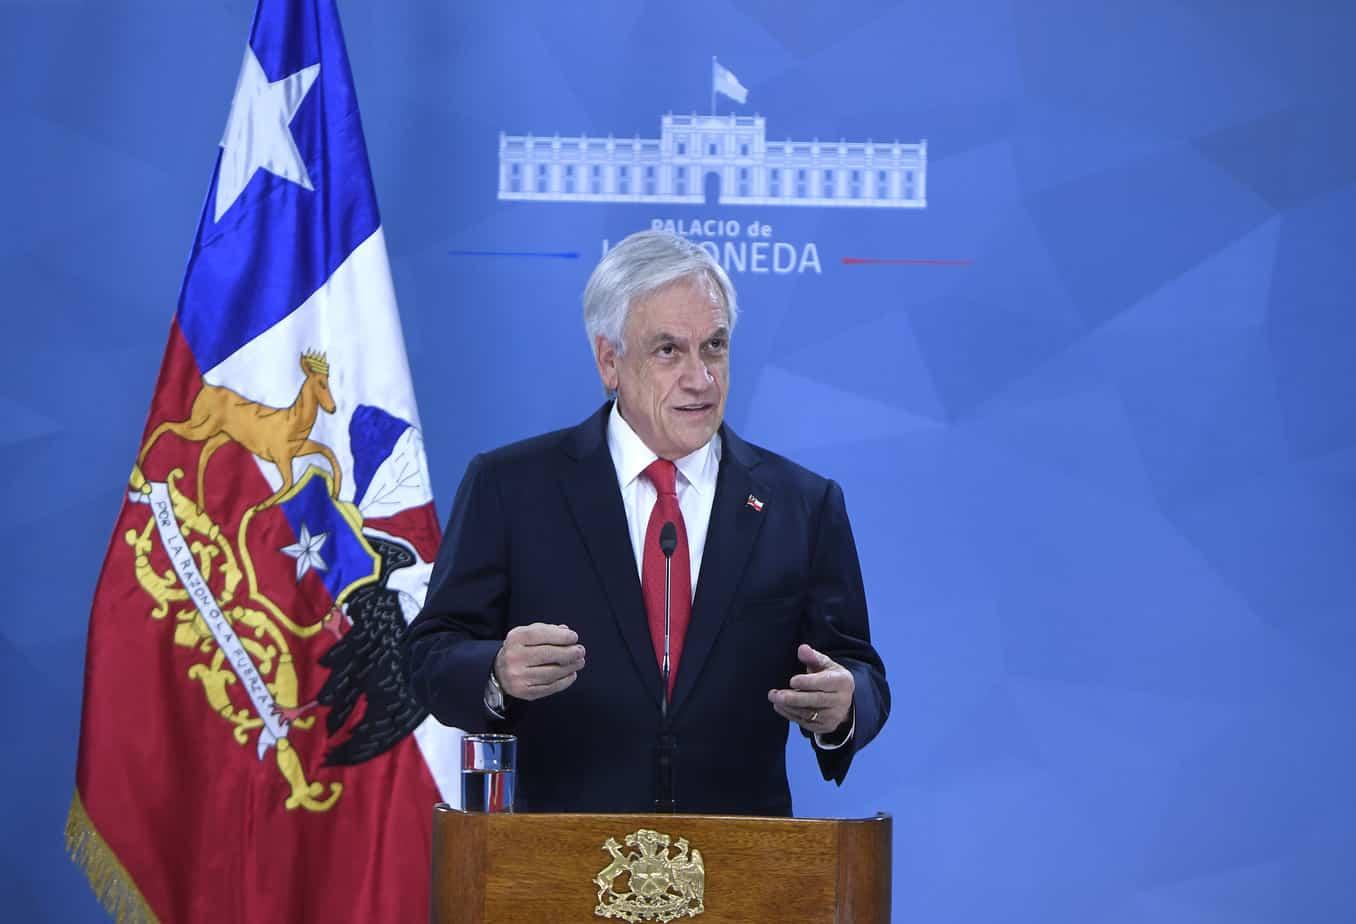 Presidente Sebastián Piñera anuncia agenda social y pide perdón por su «falta de visión»